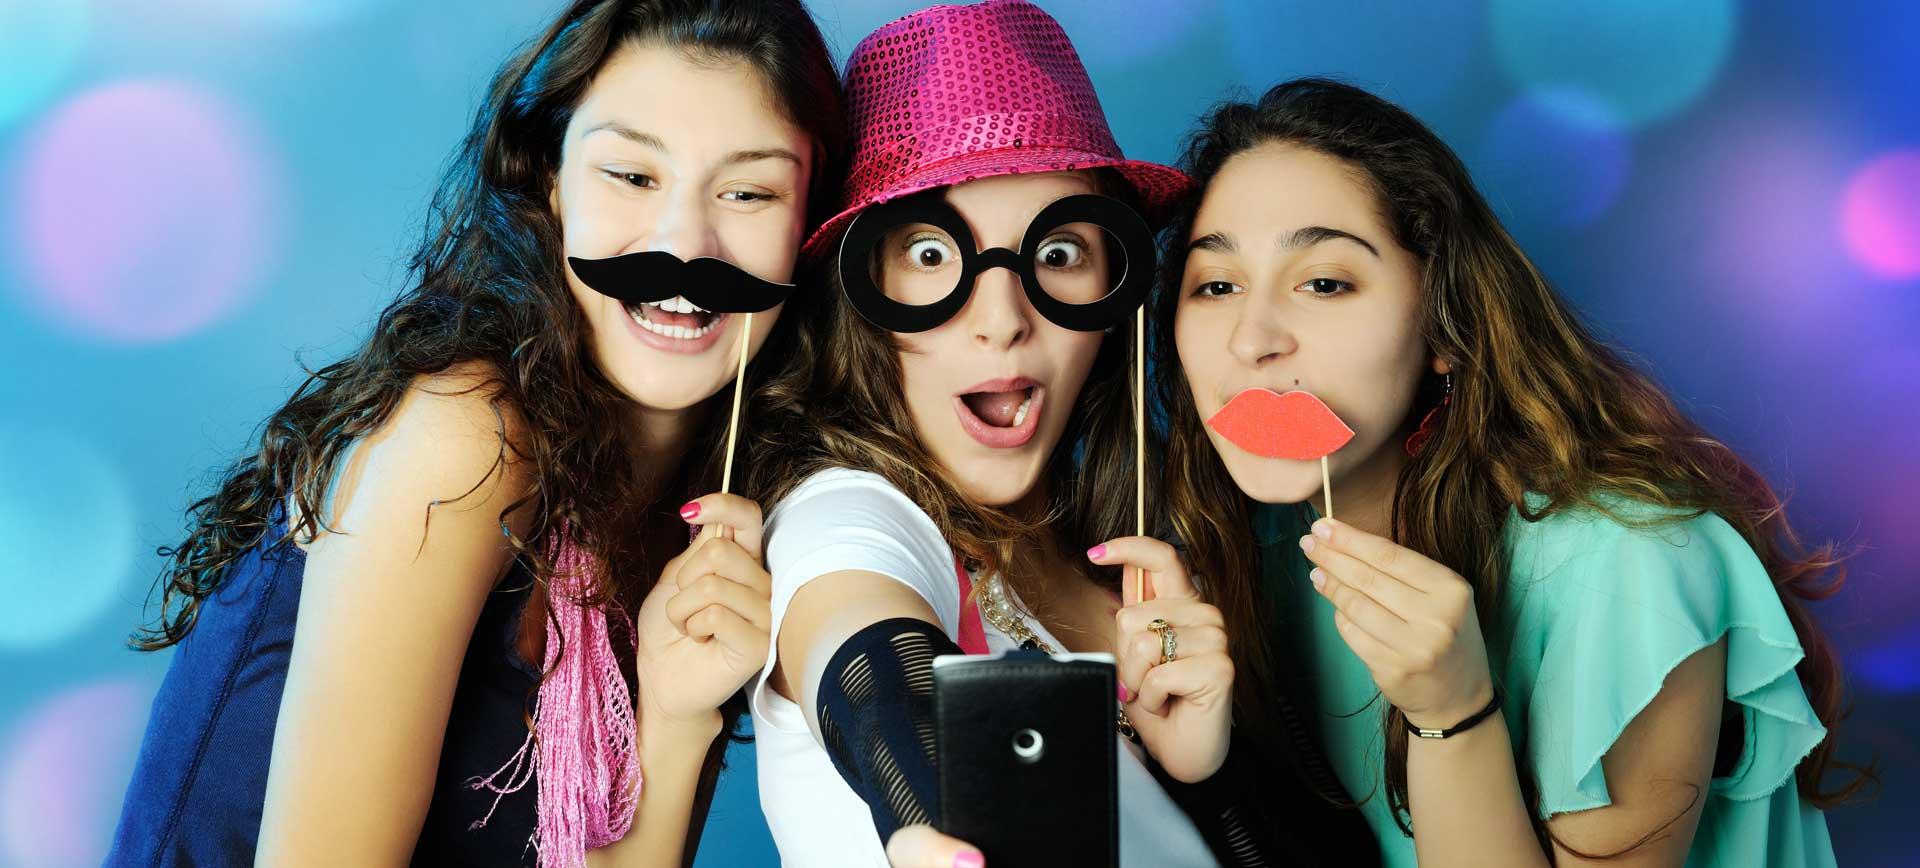 Die lustigsten Geburtstags- und Party-Videos im Netz